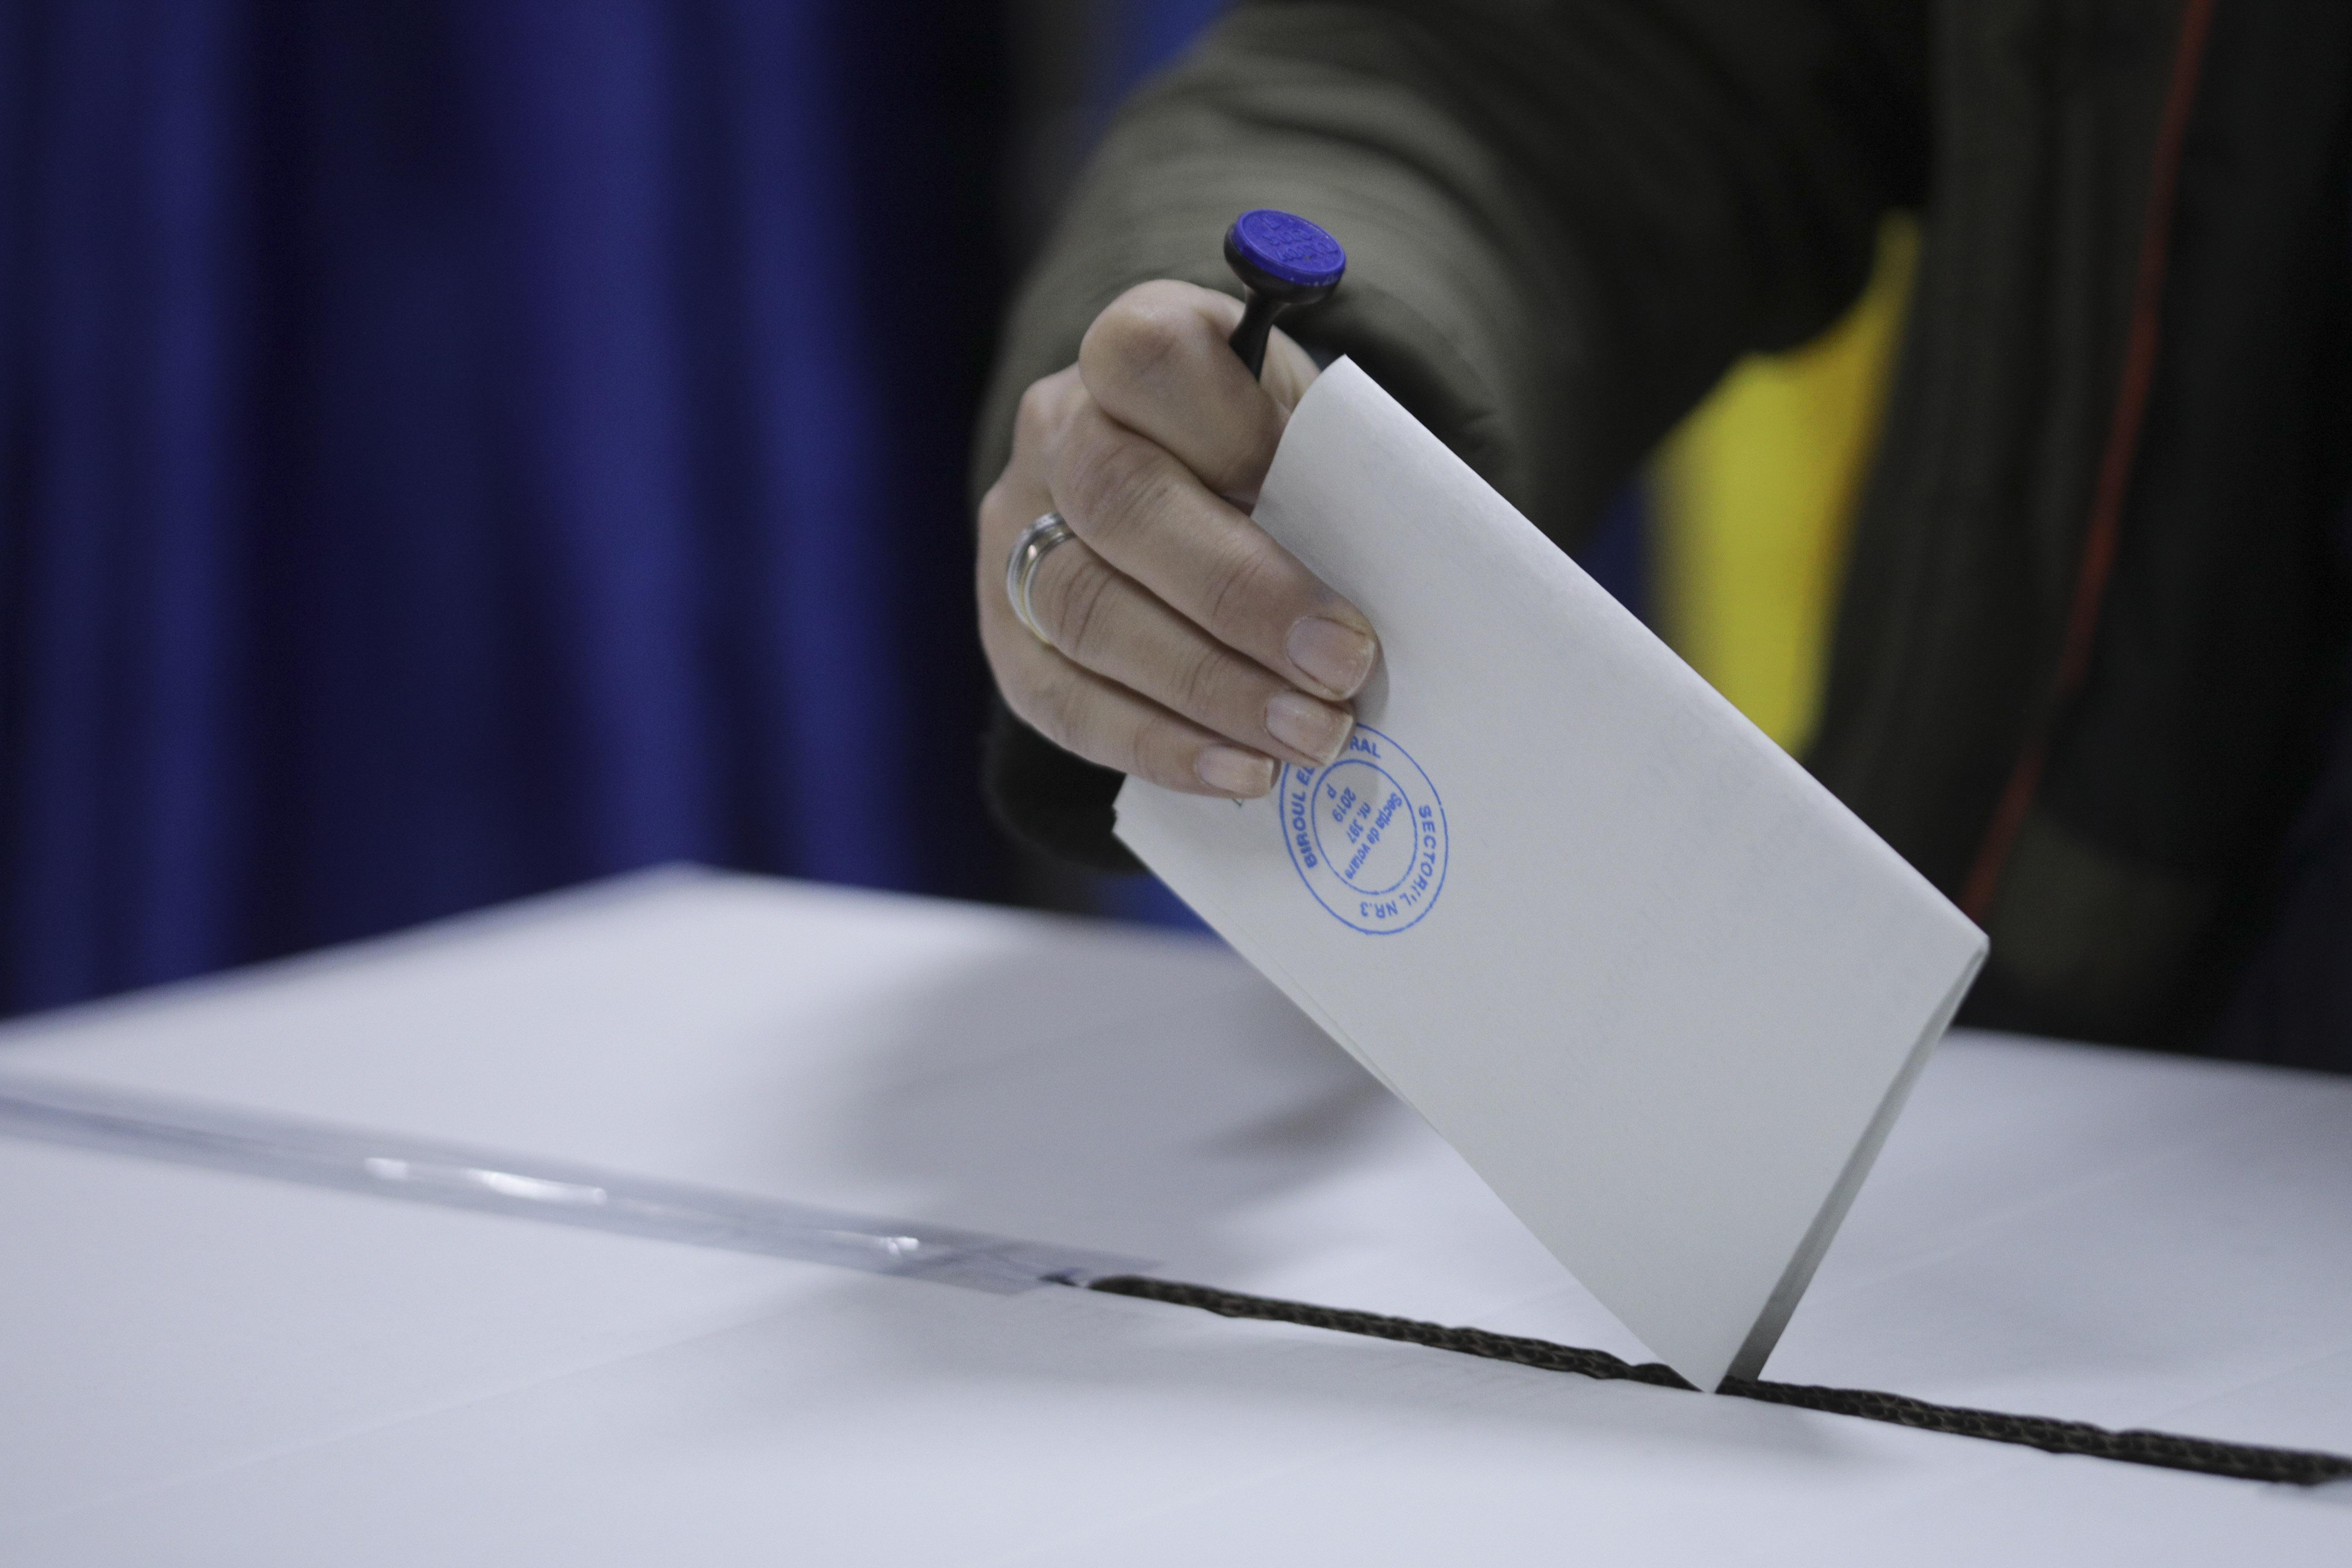 AEP: Bolnavii de Covid-19 vor putea cere urna mobilă la alegerile locale